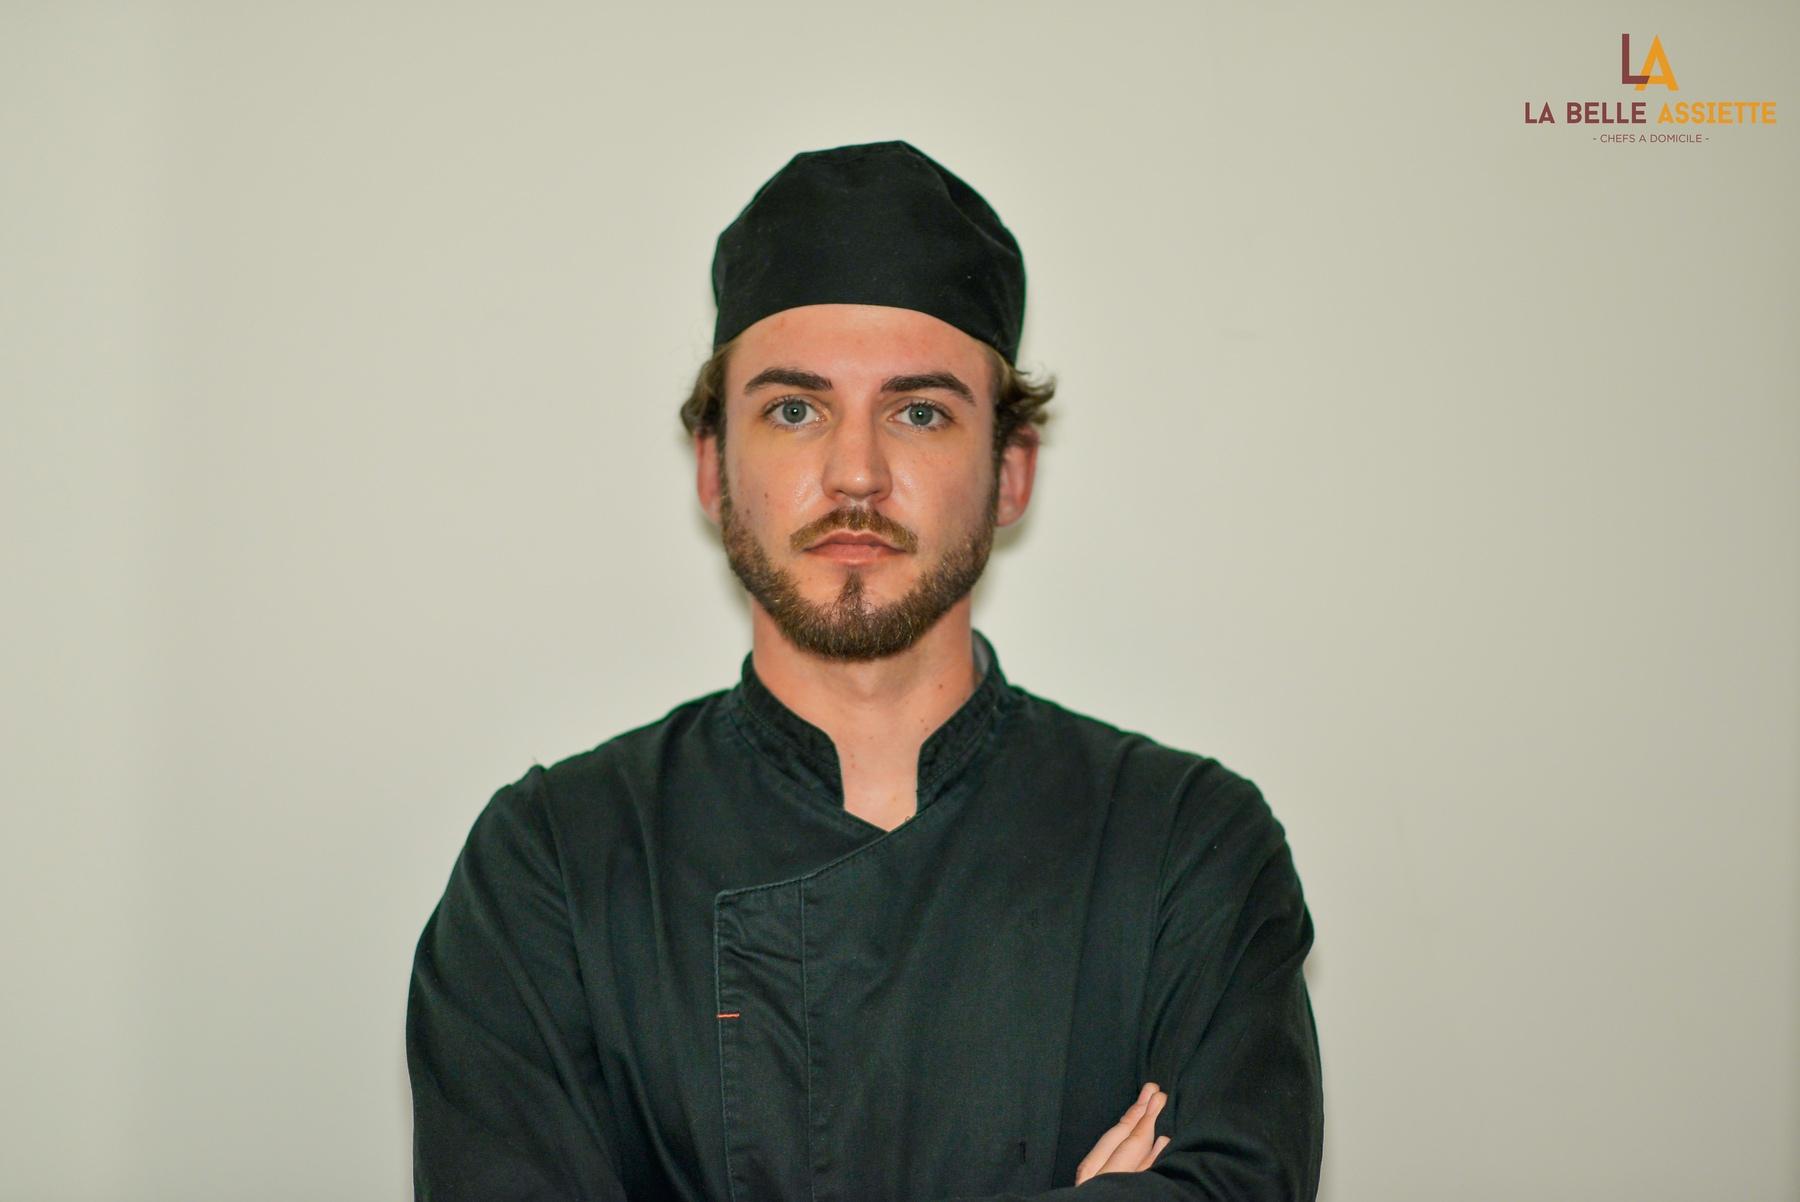 Adrien Ioder